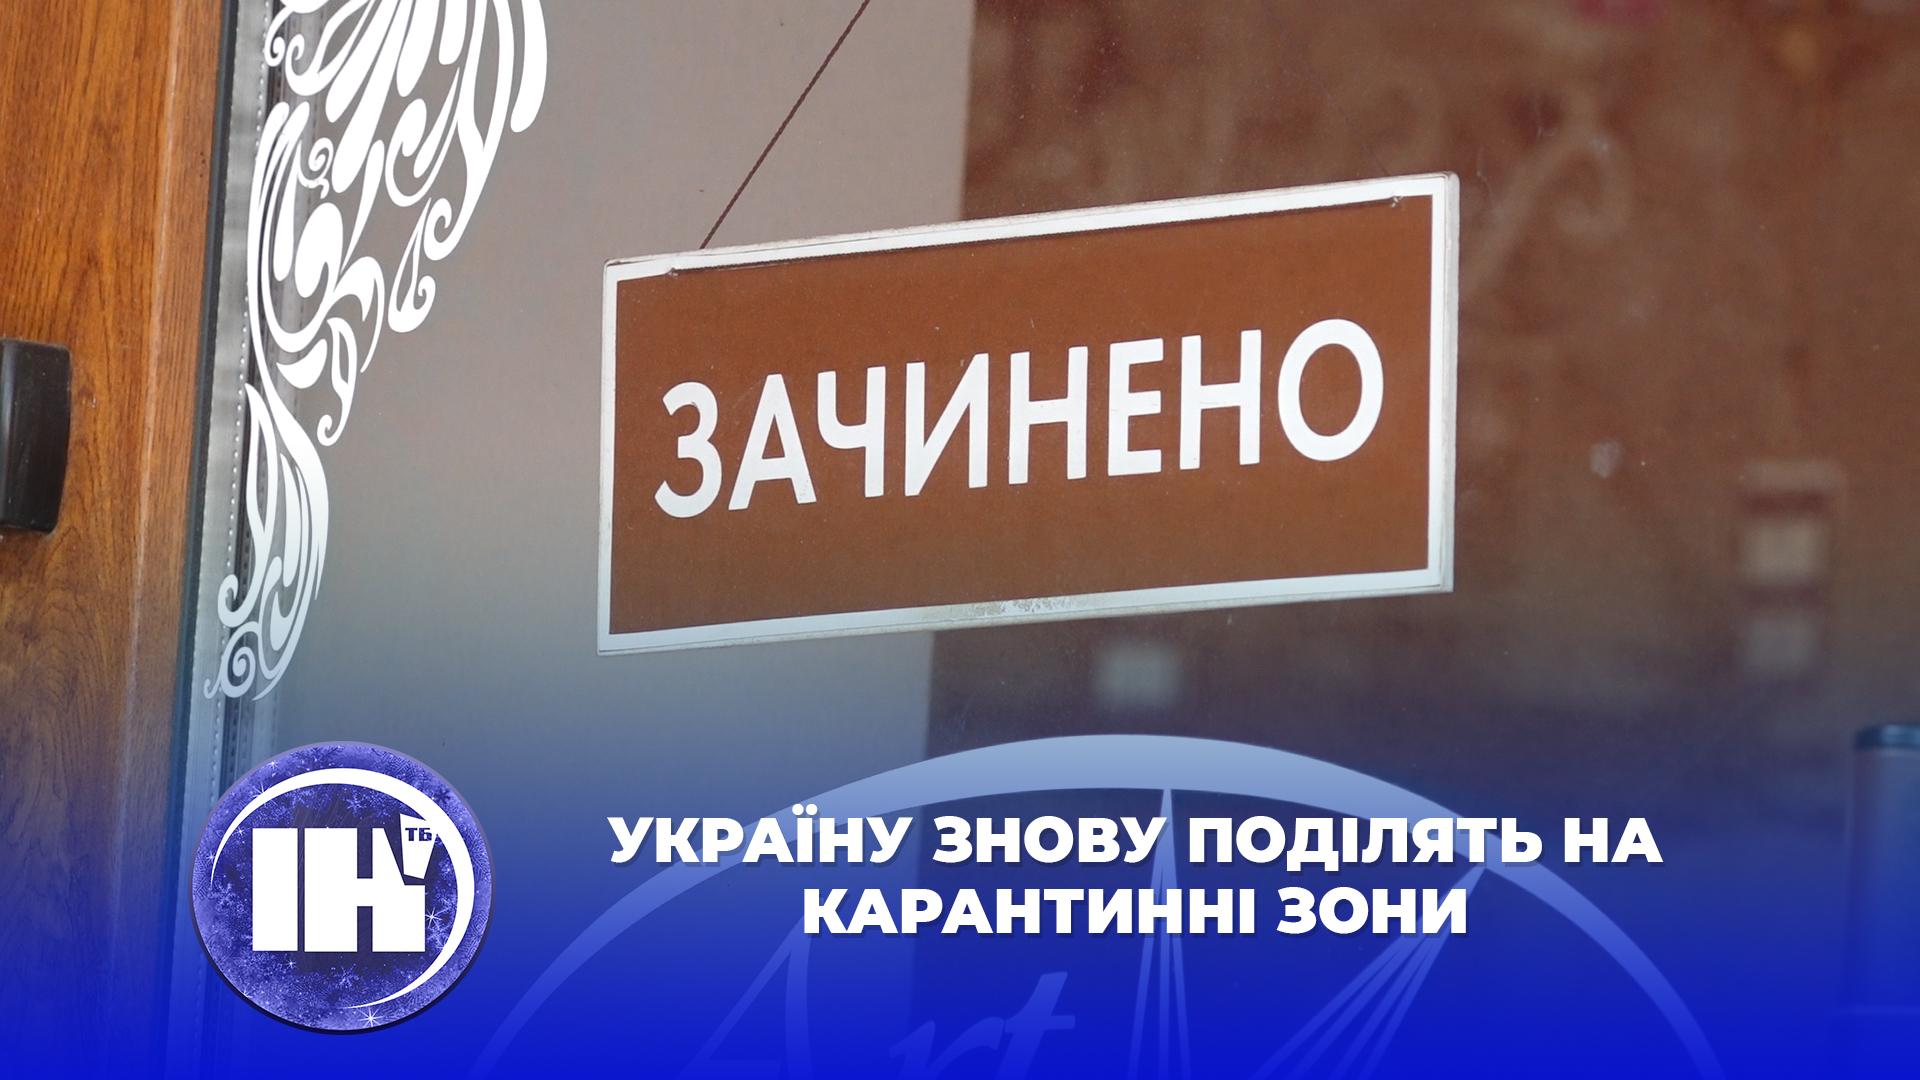 Україну знову поділять на карантинні зони